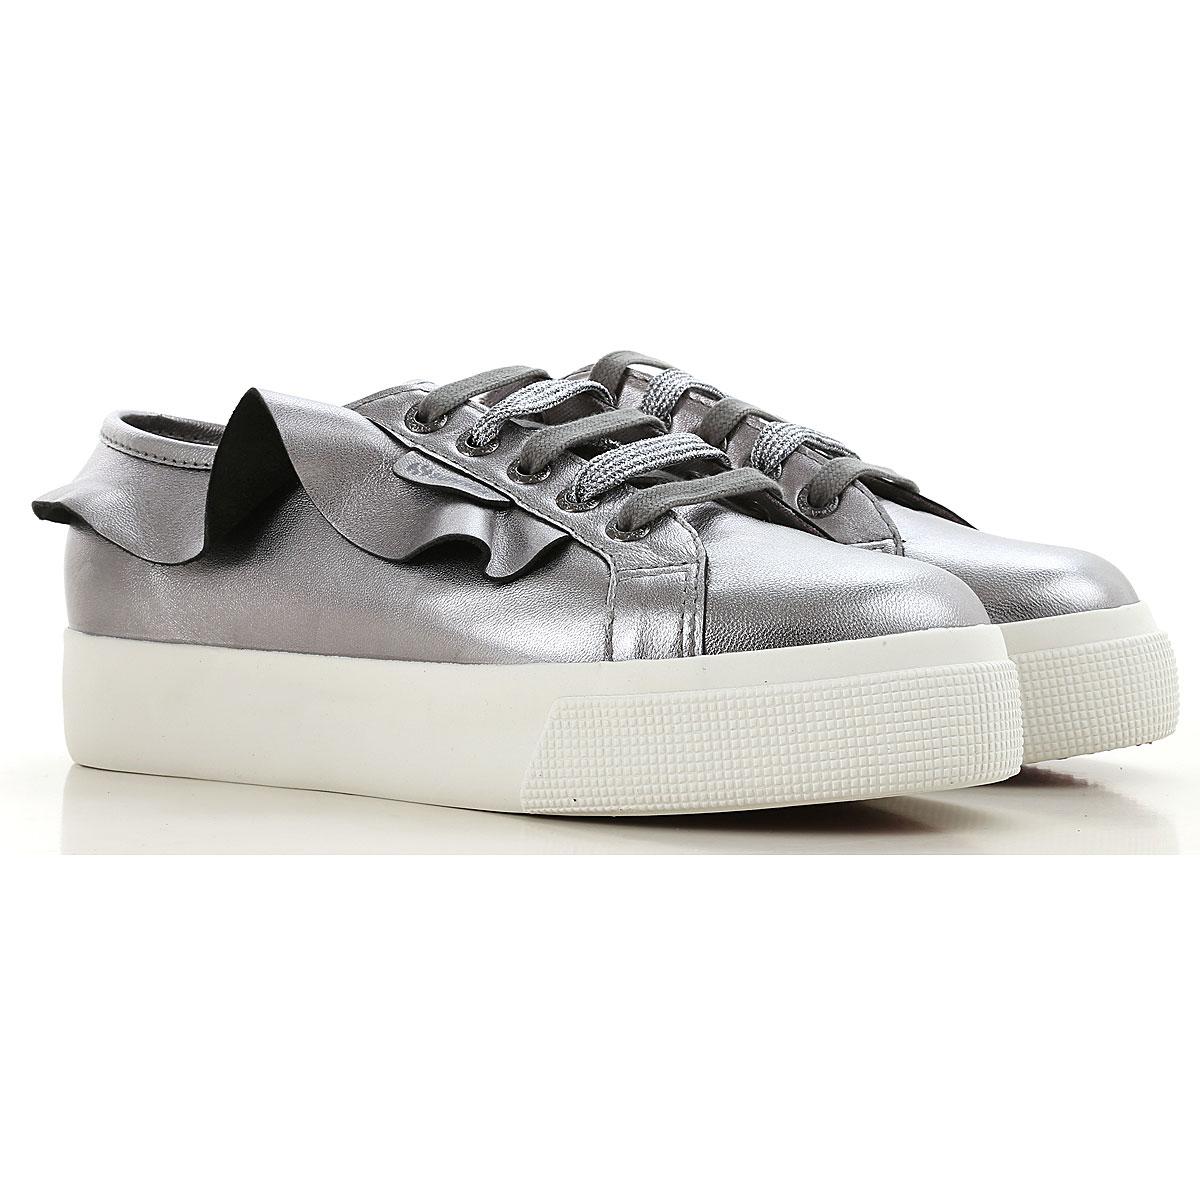 Superga Sneakers for Women On Sale, Metal Gun, Nappa, 2019, ITA 41 - USA 10.5 - UK 8 ITA 36 - USA 5.5 - UK 3